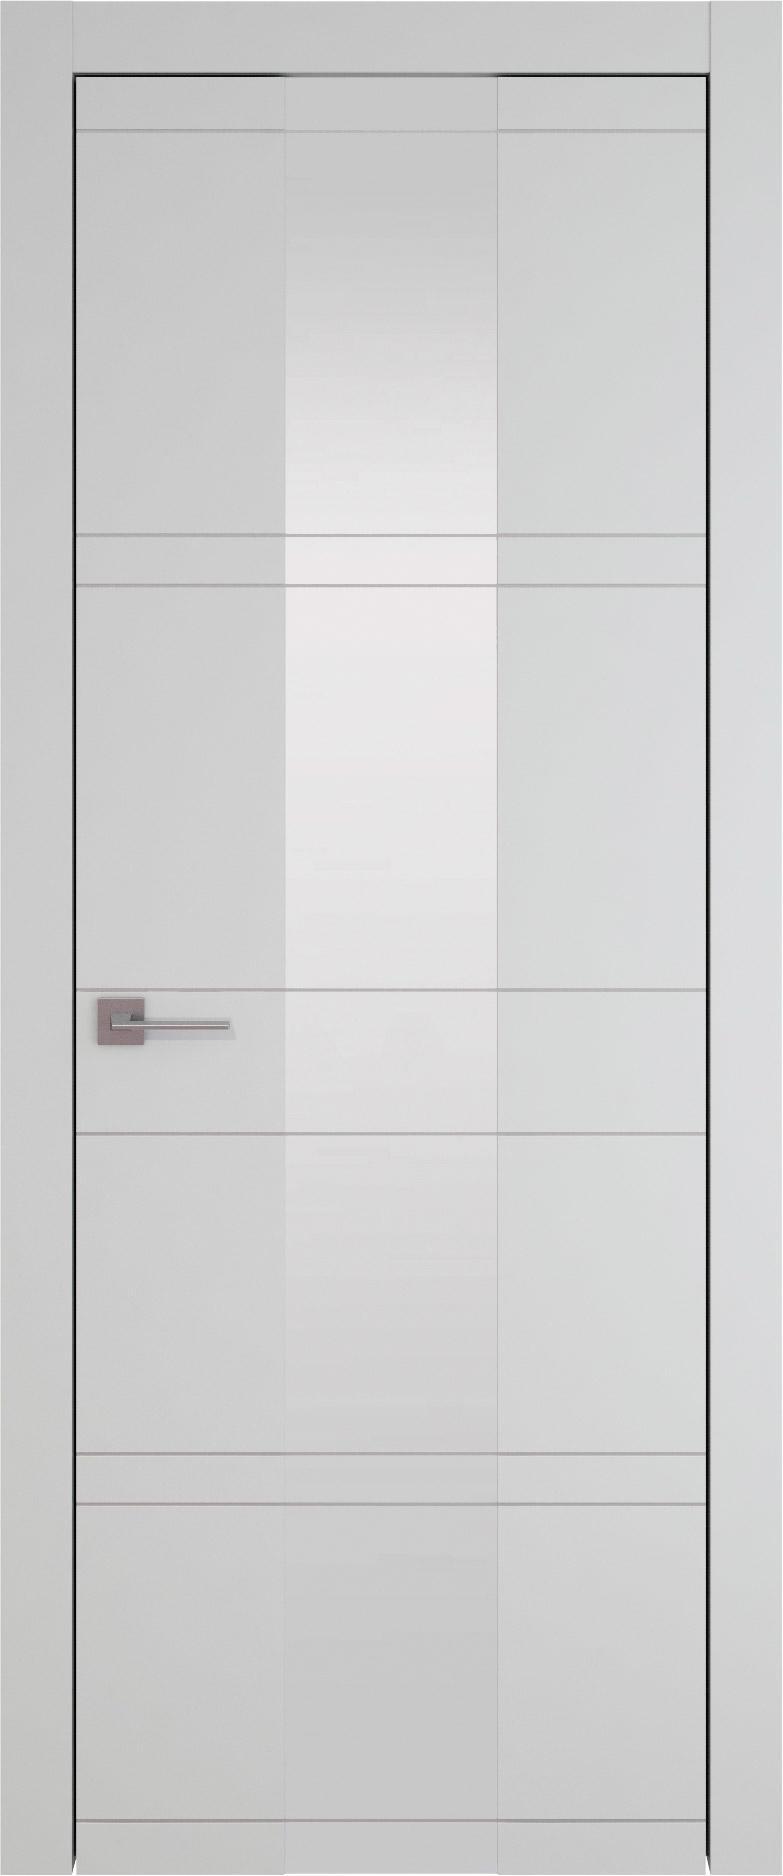 Tivoli Ж-2 цвет - Серая эмаль (RAL 7047) Со стеклом (ДО)